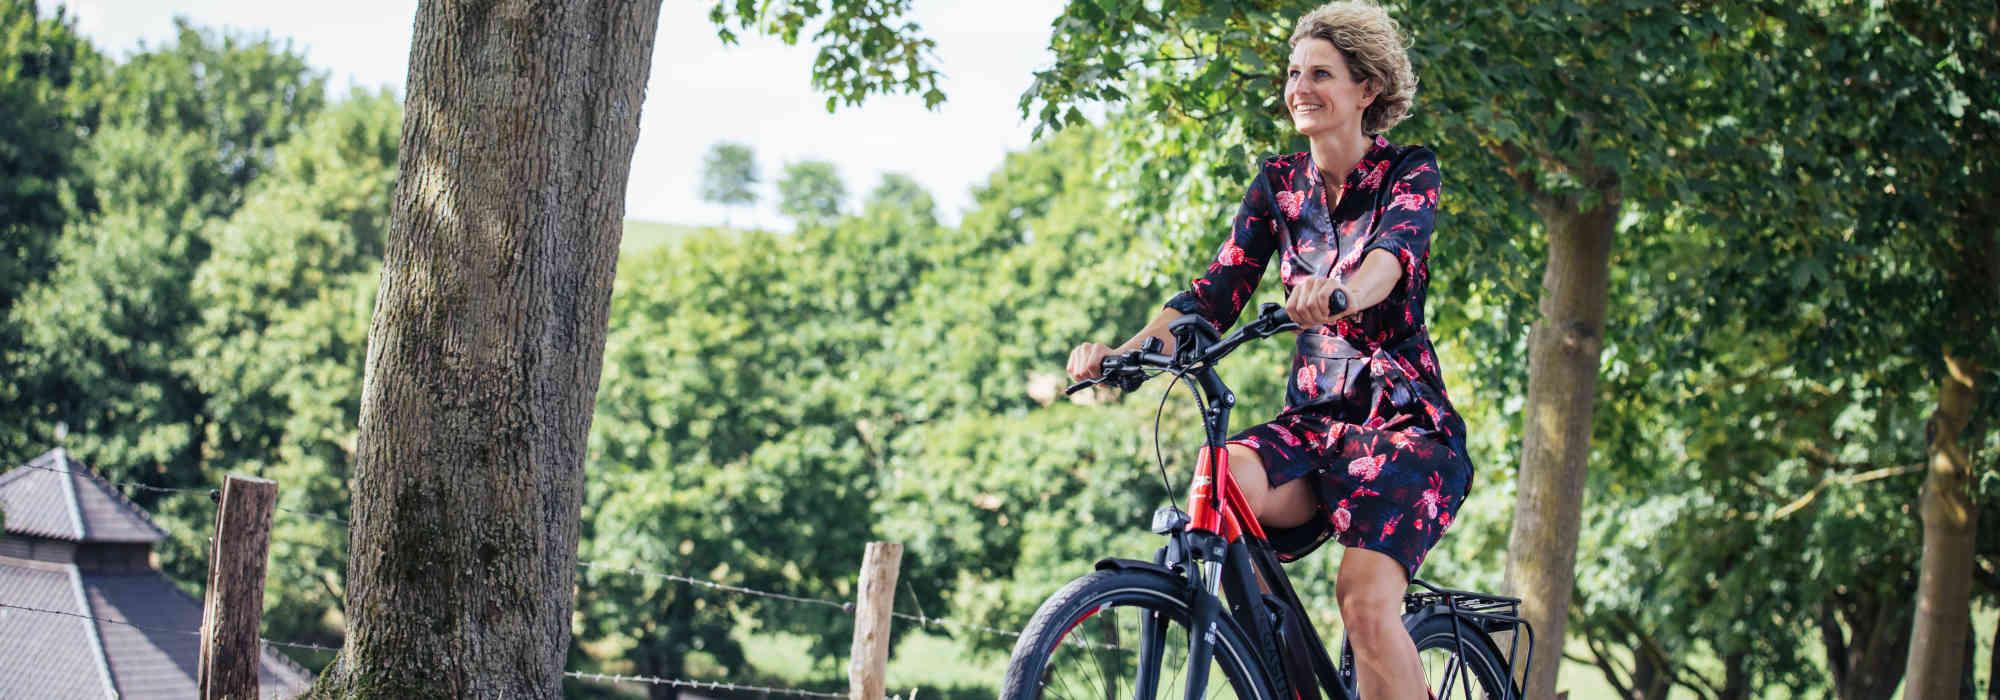 City & Touring E-Bikes Leonberg